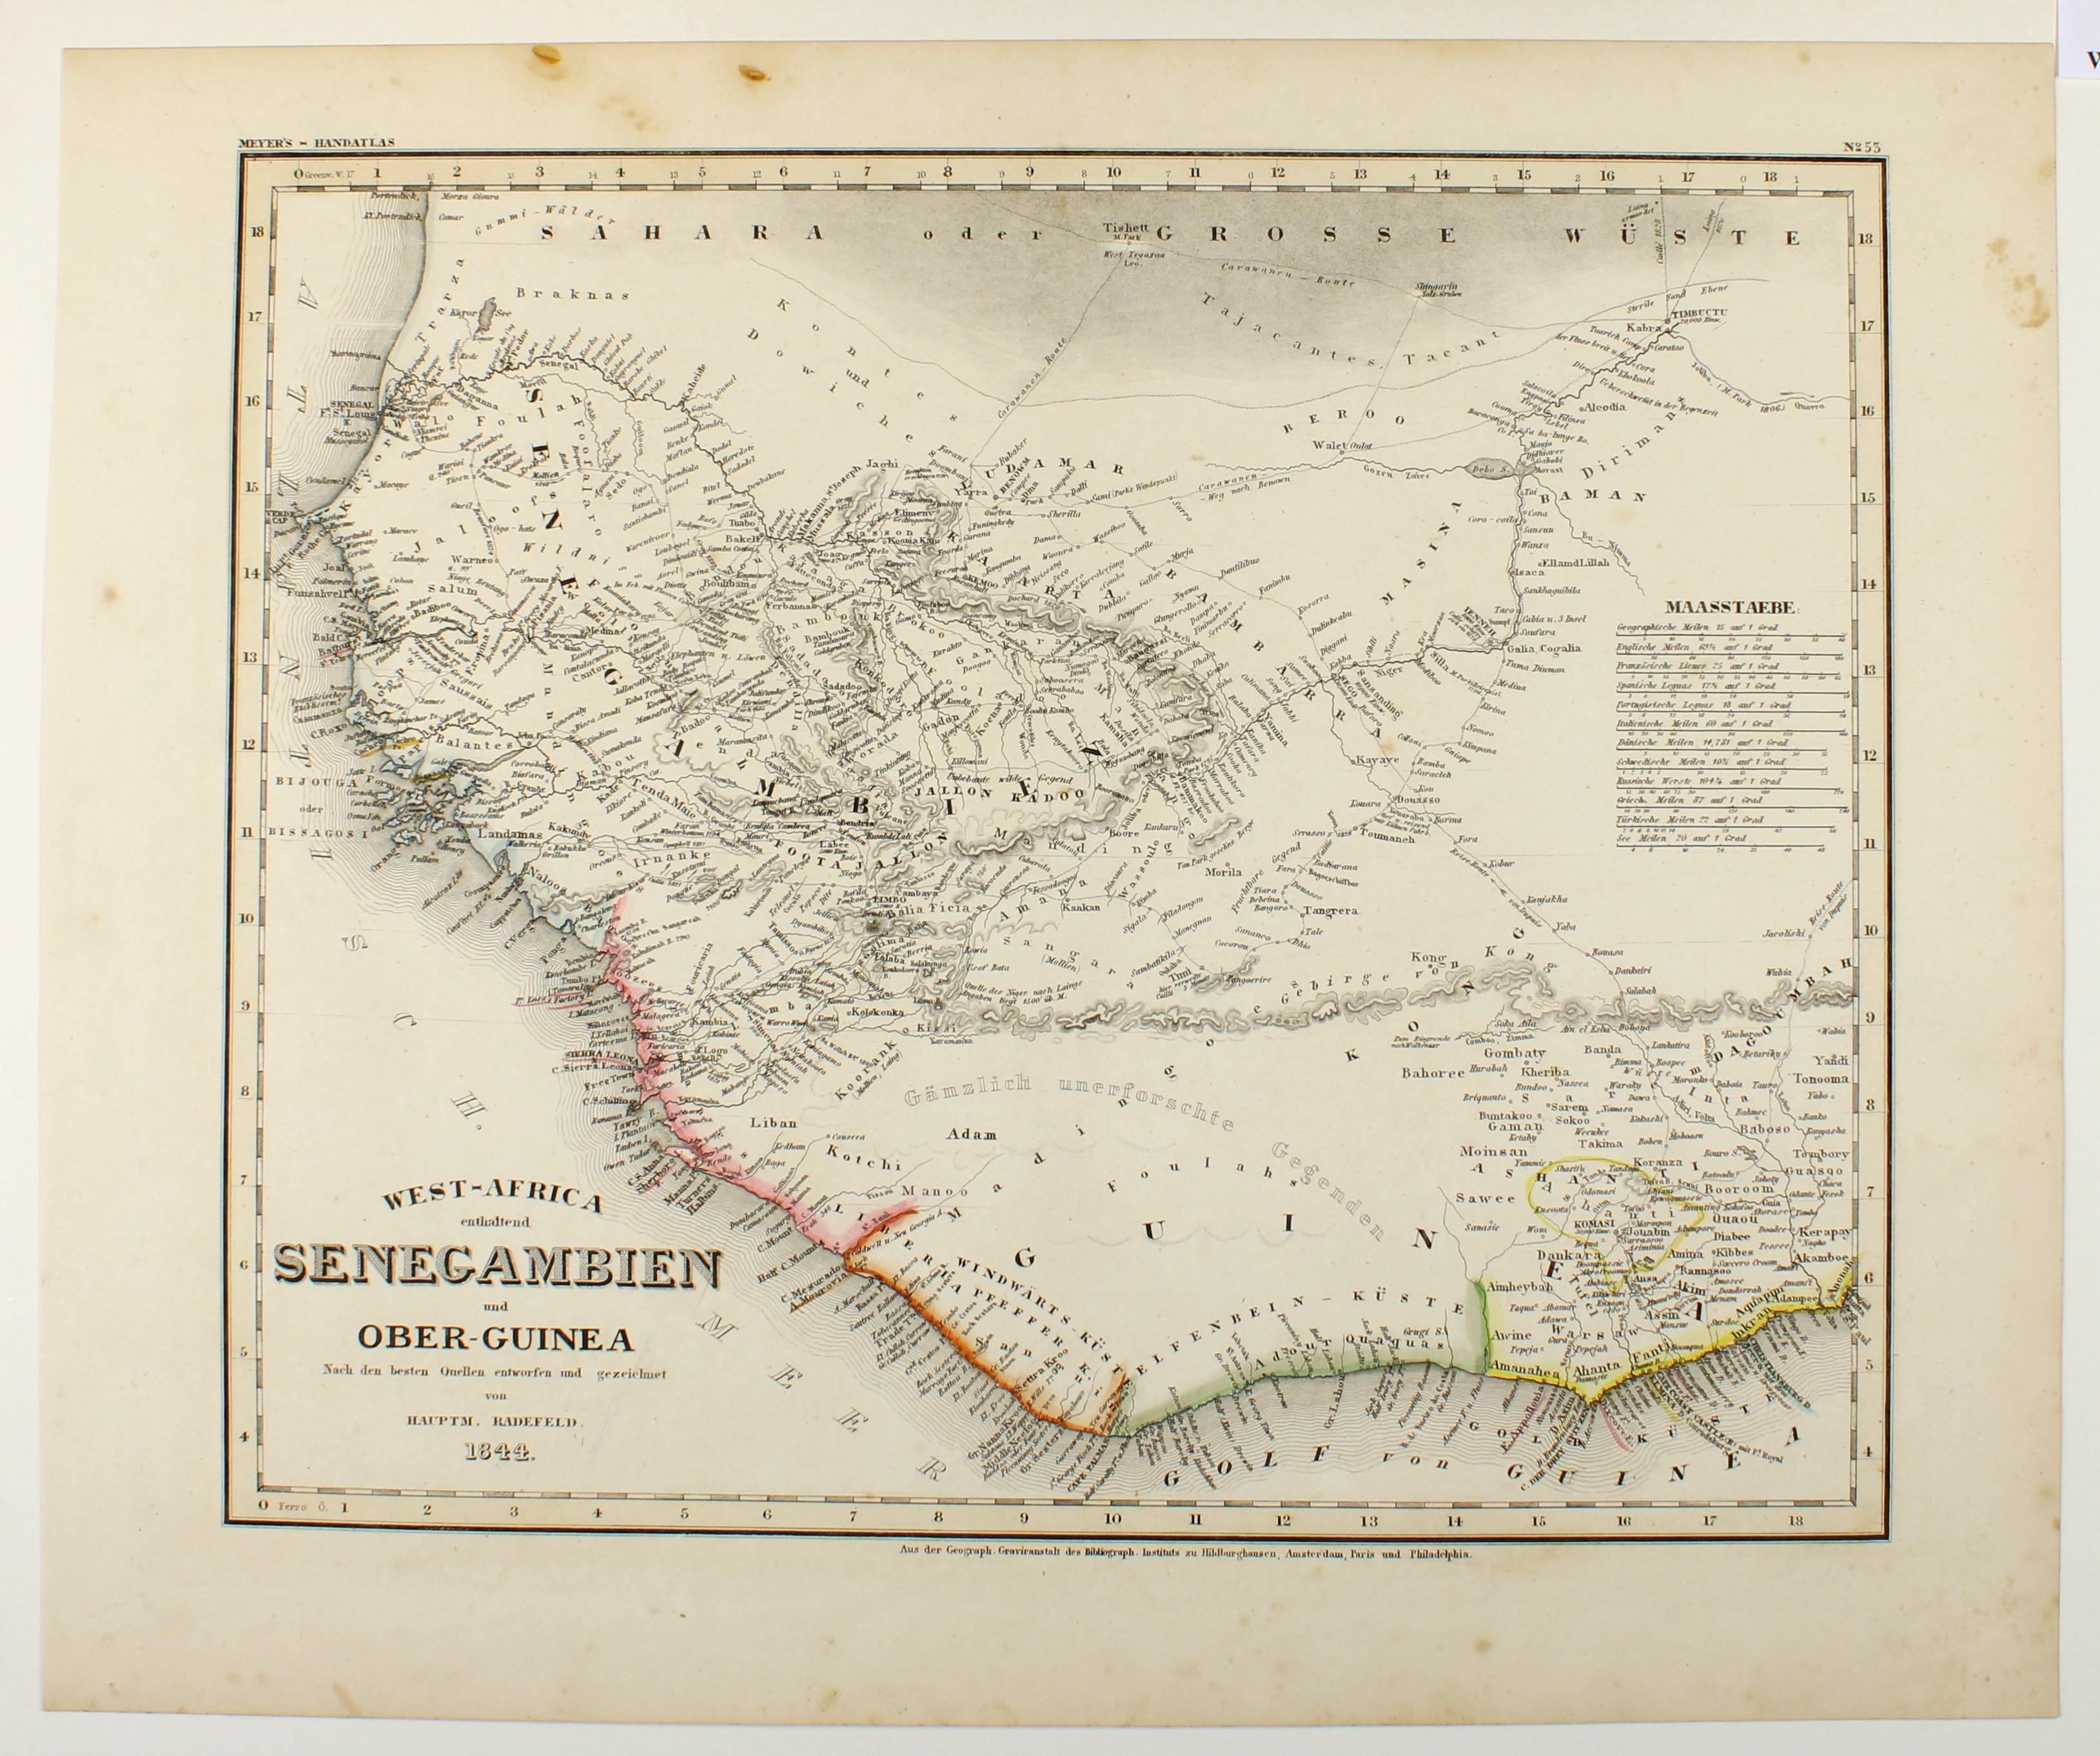 West-Africa enthaltend Senegambien und Ober-Guinea 1844.: Westafrika -